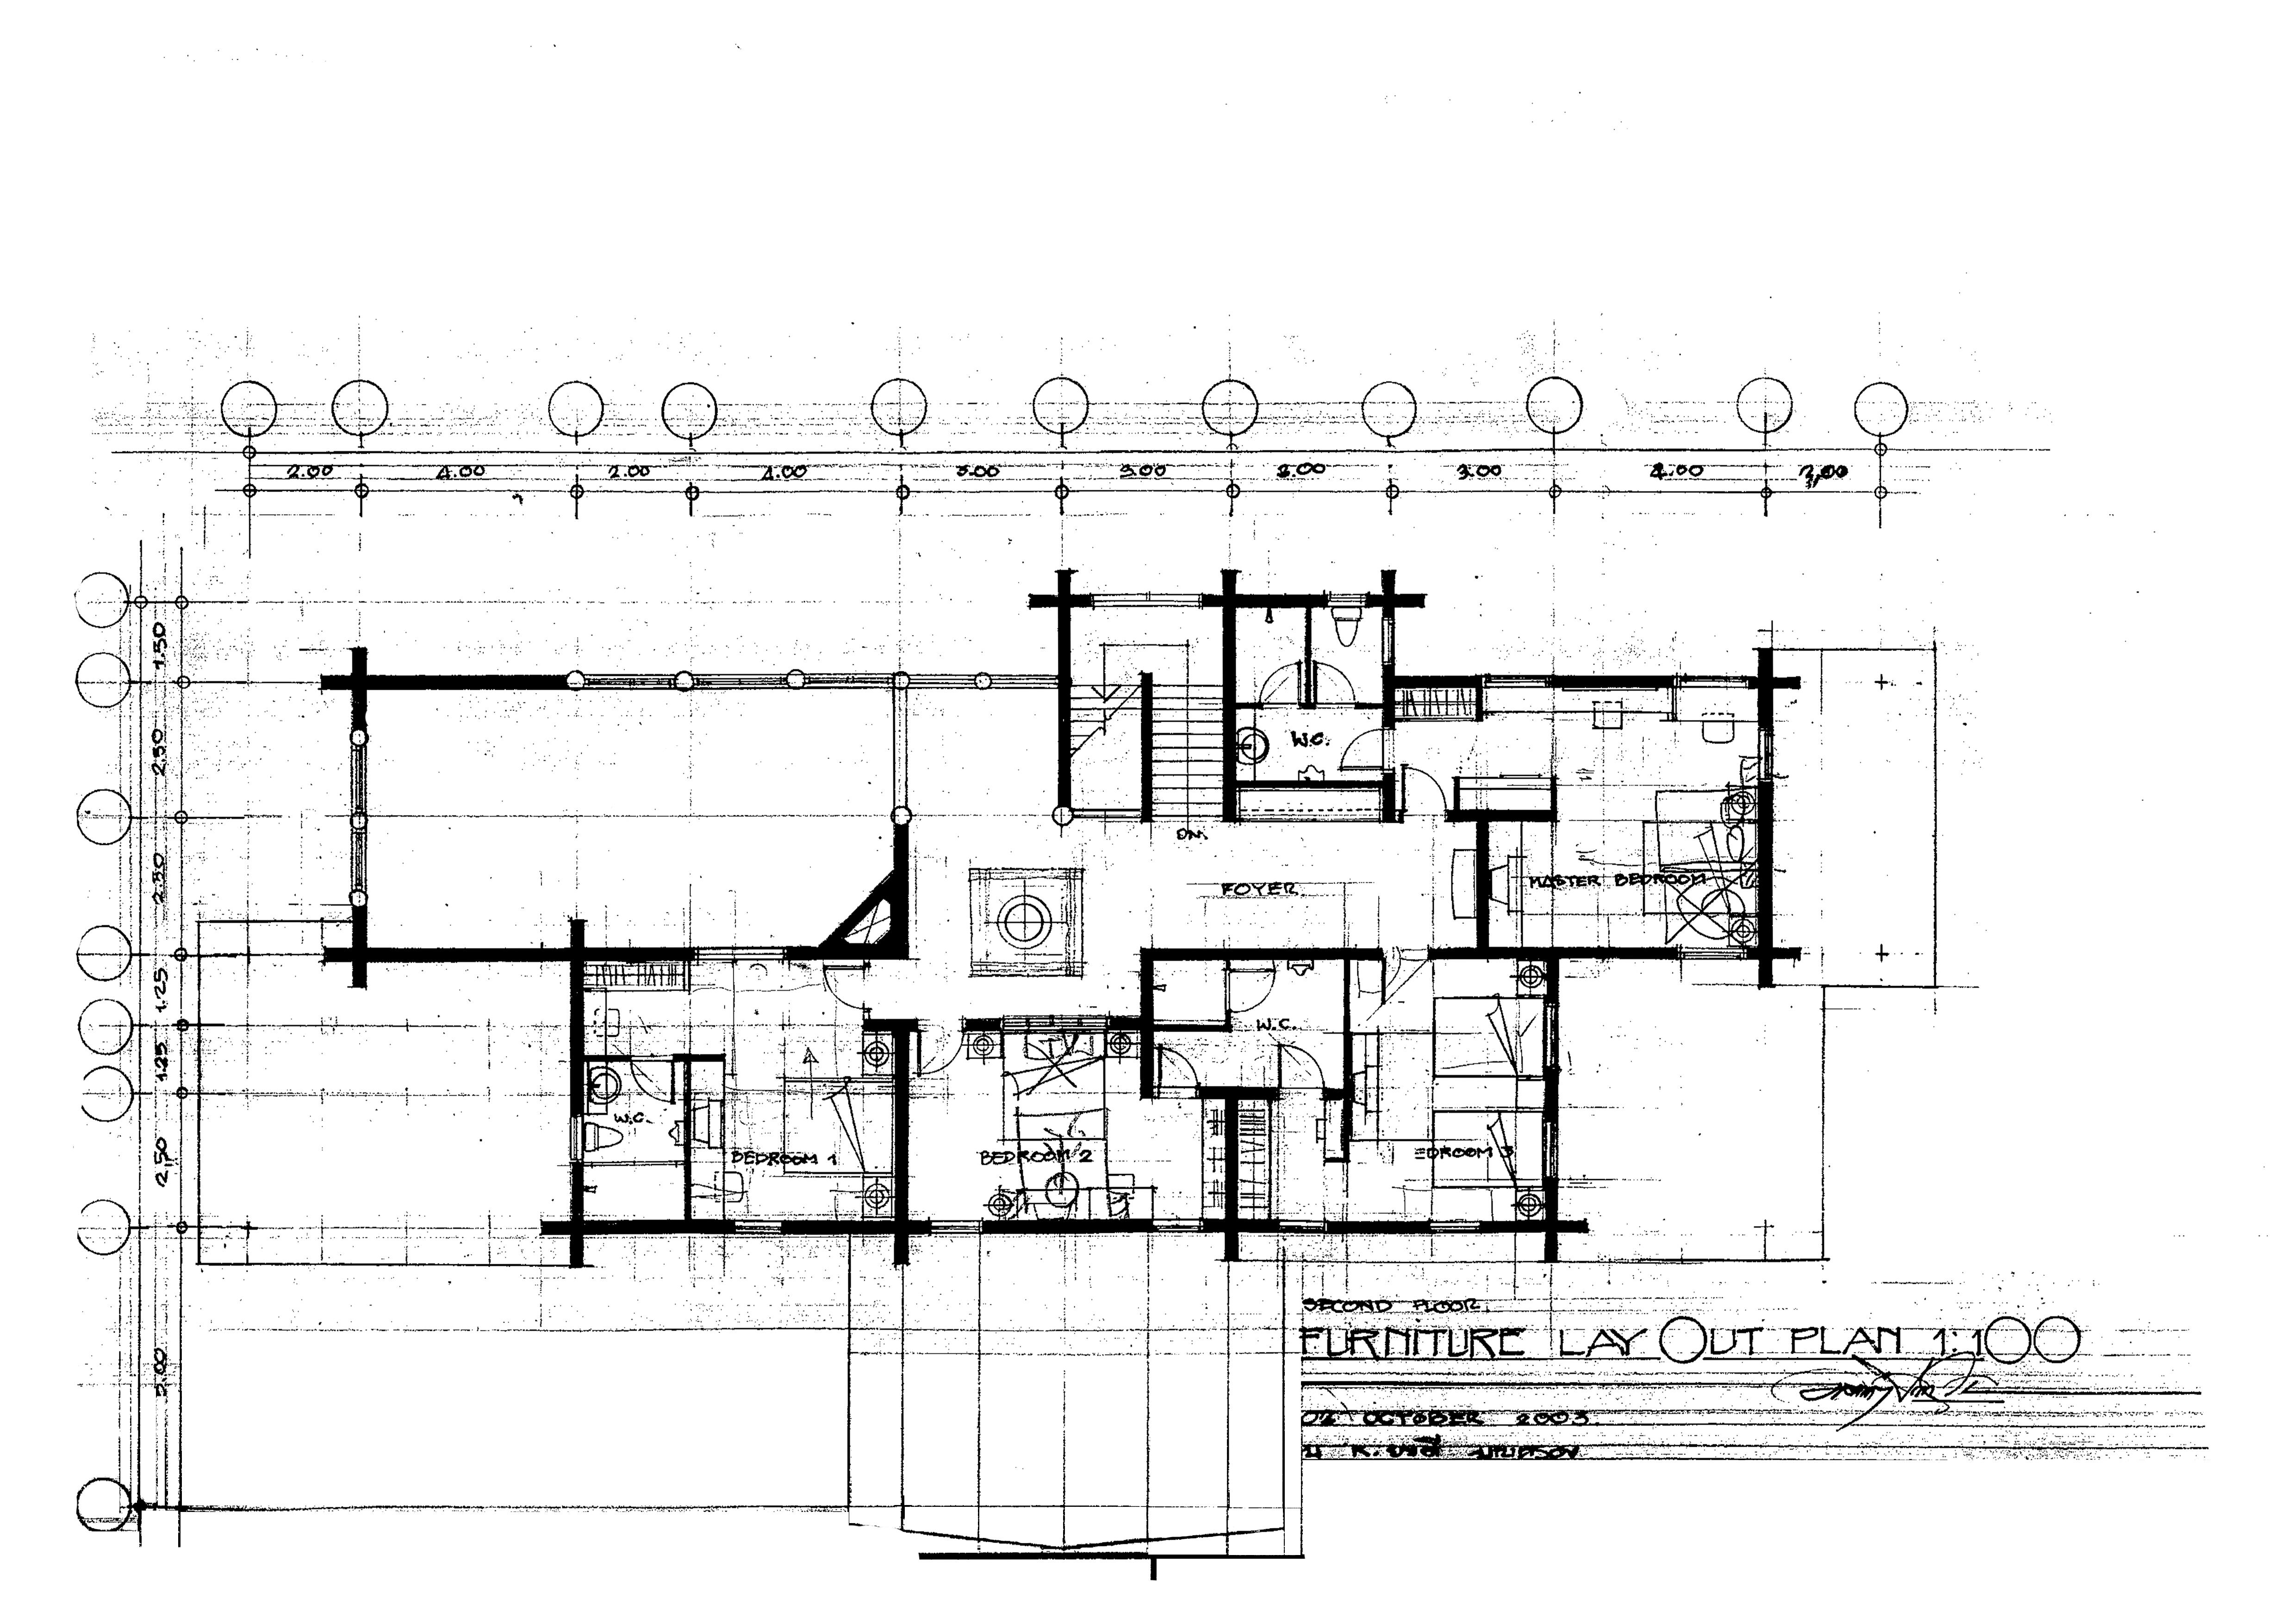 Bonanzabuilt-Portfolio-design29-3